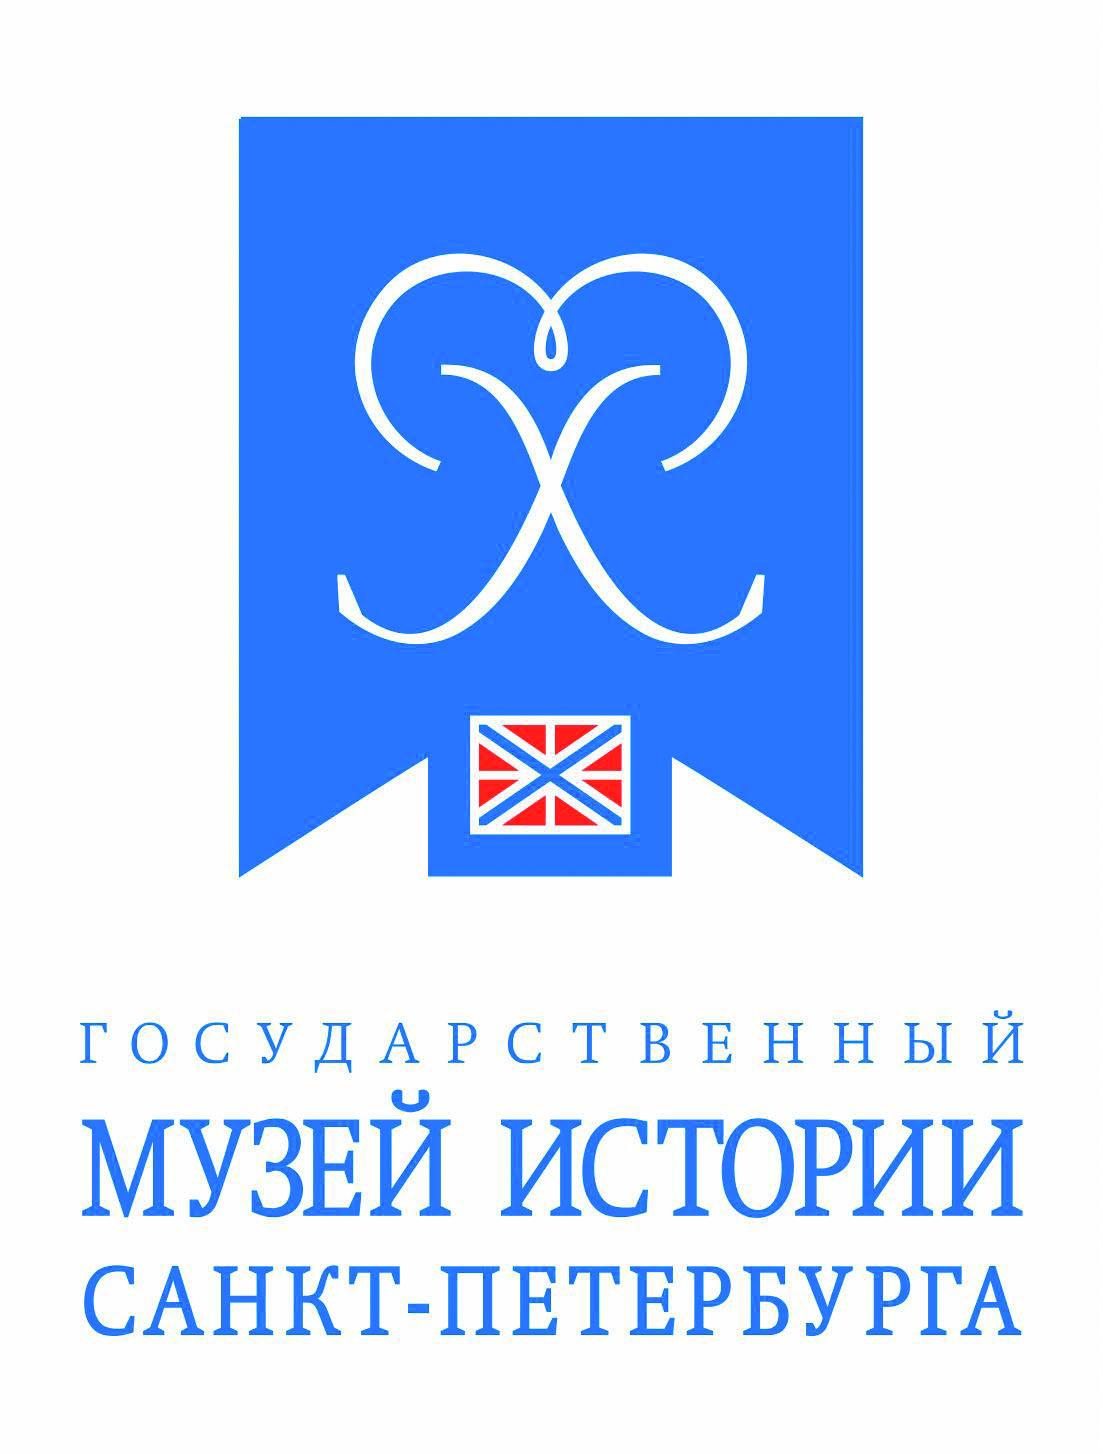 Logo_GMI_SPB.jpg